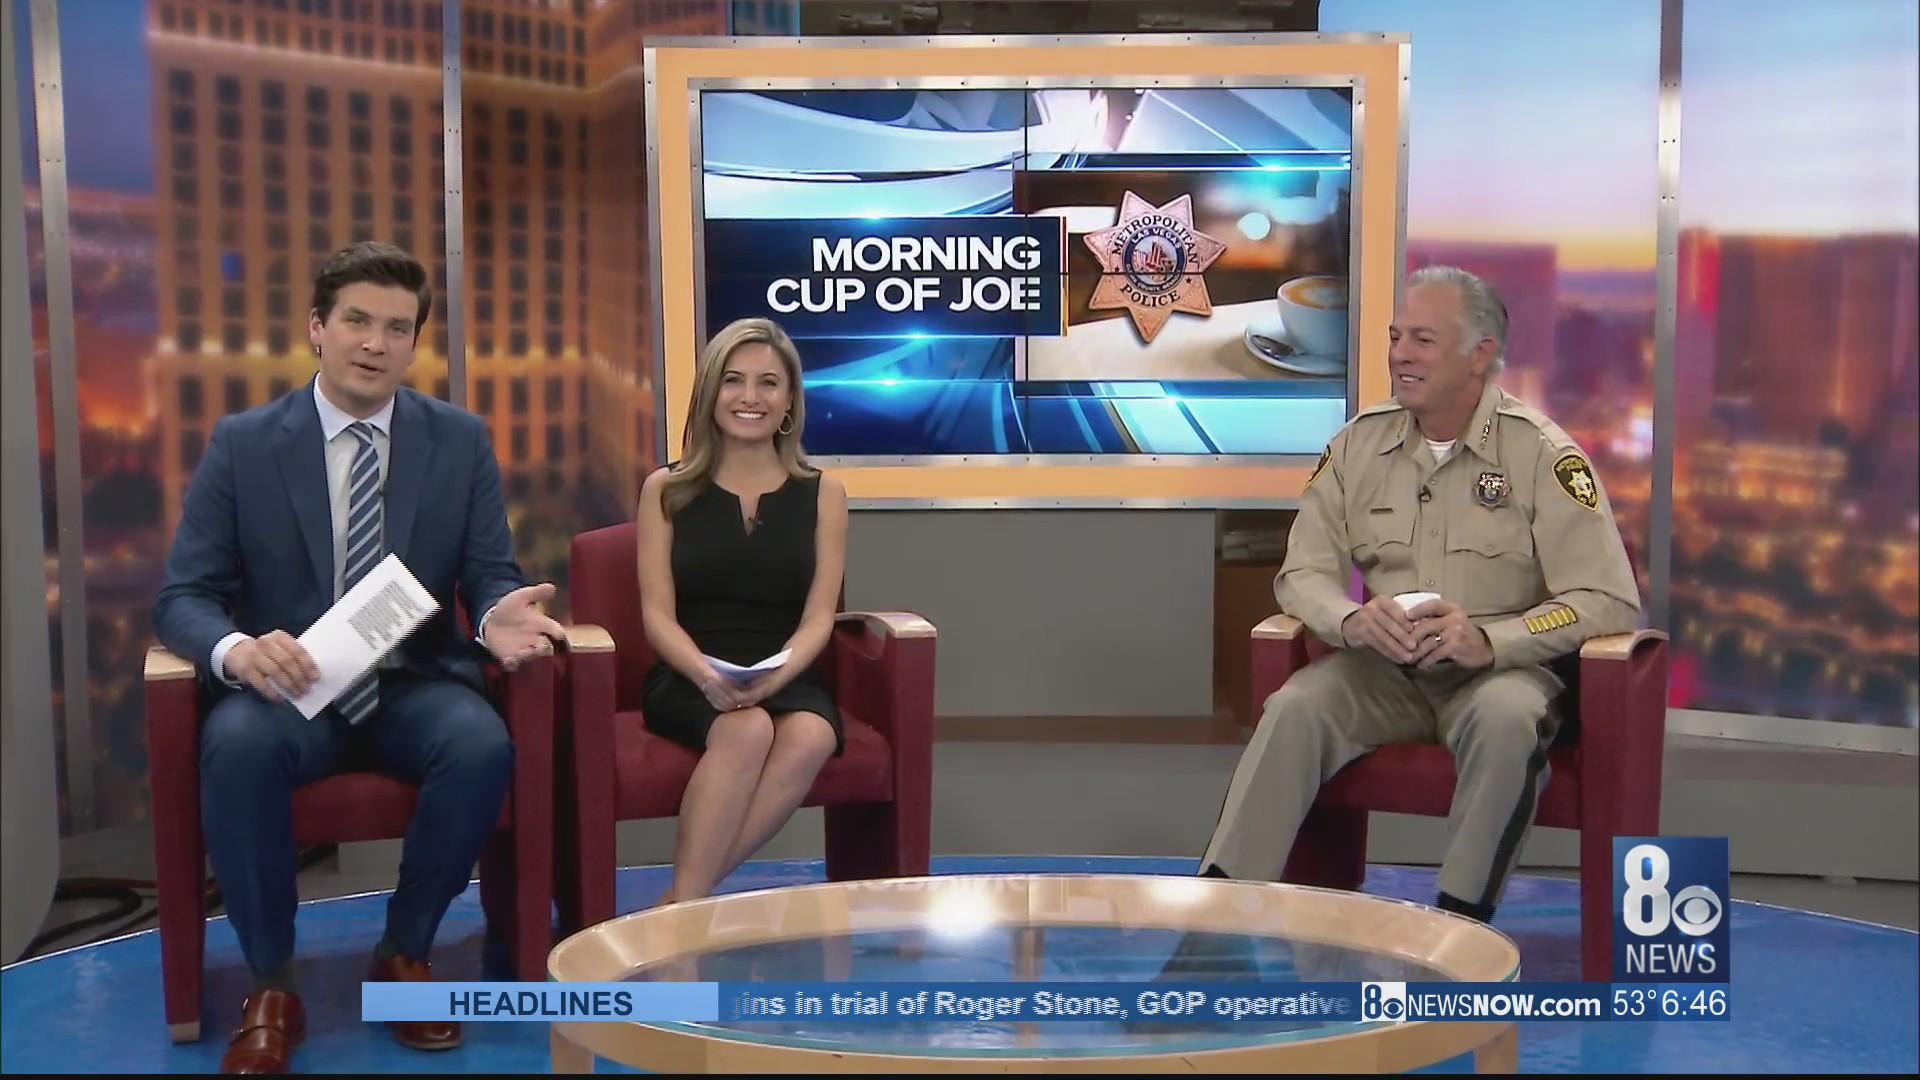 Las Vegas sheriff Joe Lombardo